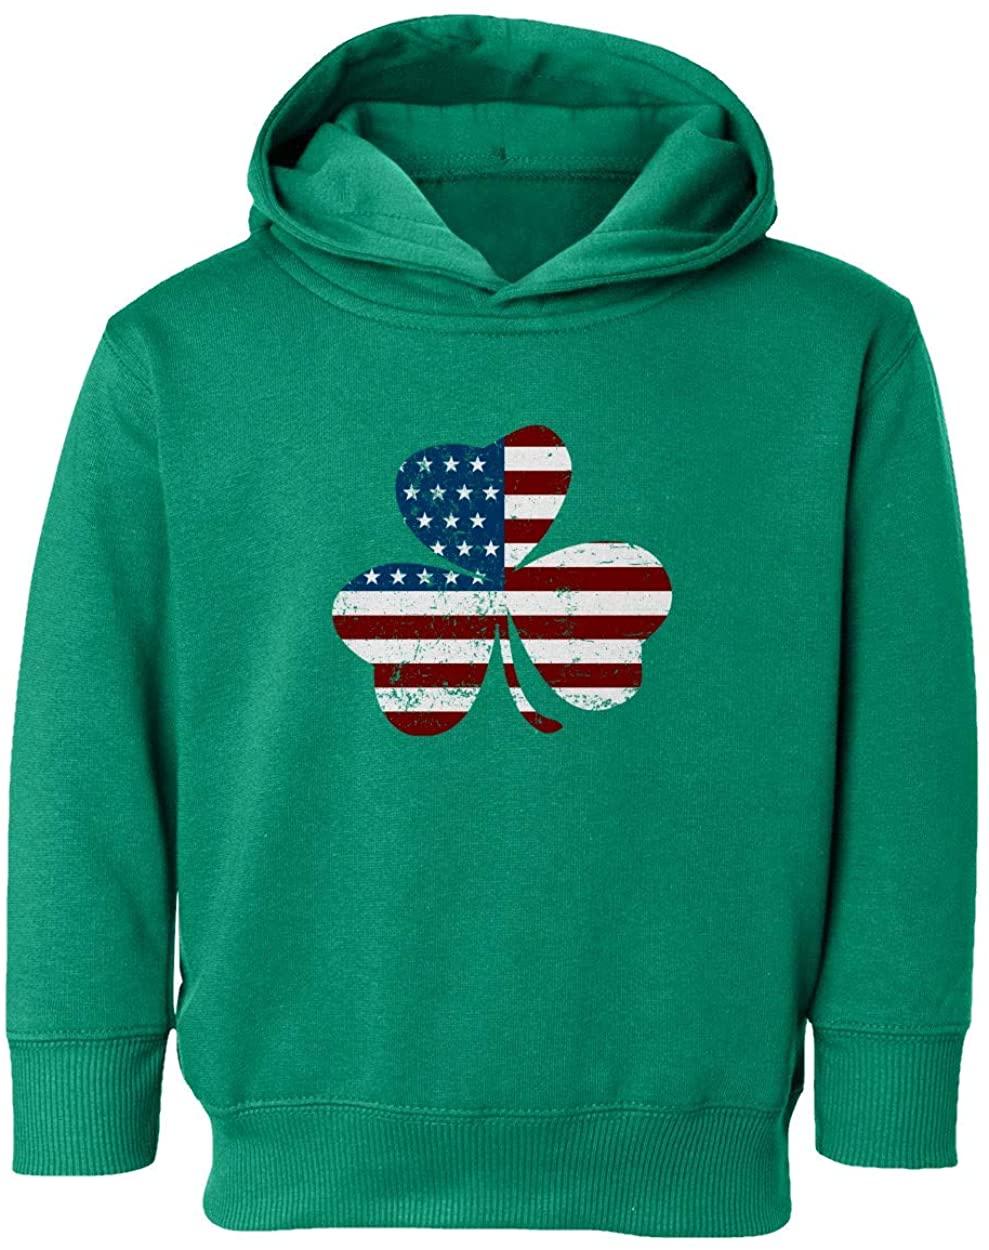 KING THREADS St Patricks Day Irish American Shamrock Toddler Hooded Sweatshirt